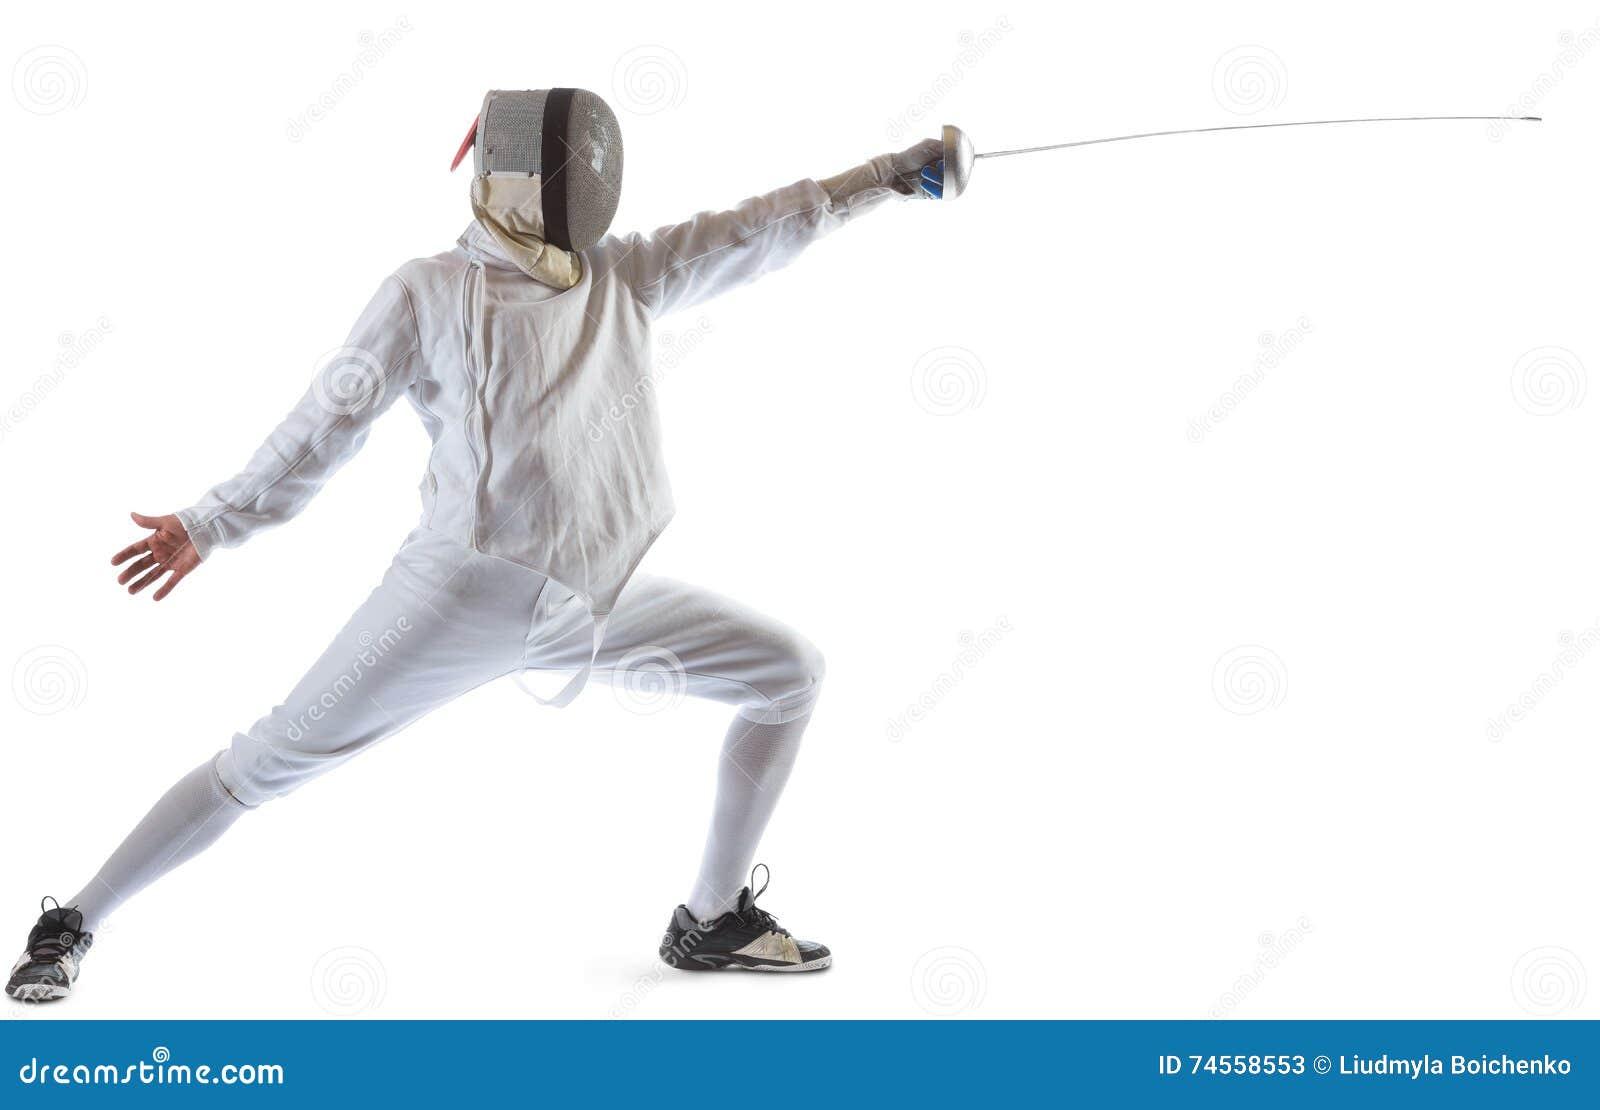 操刀运动员赢取在白色背景中隔绝的竞争